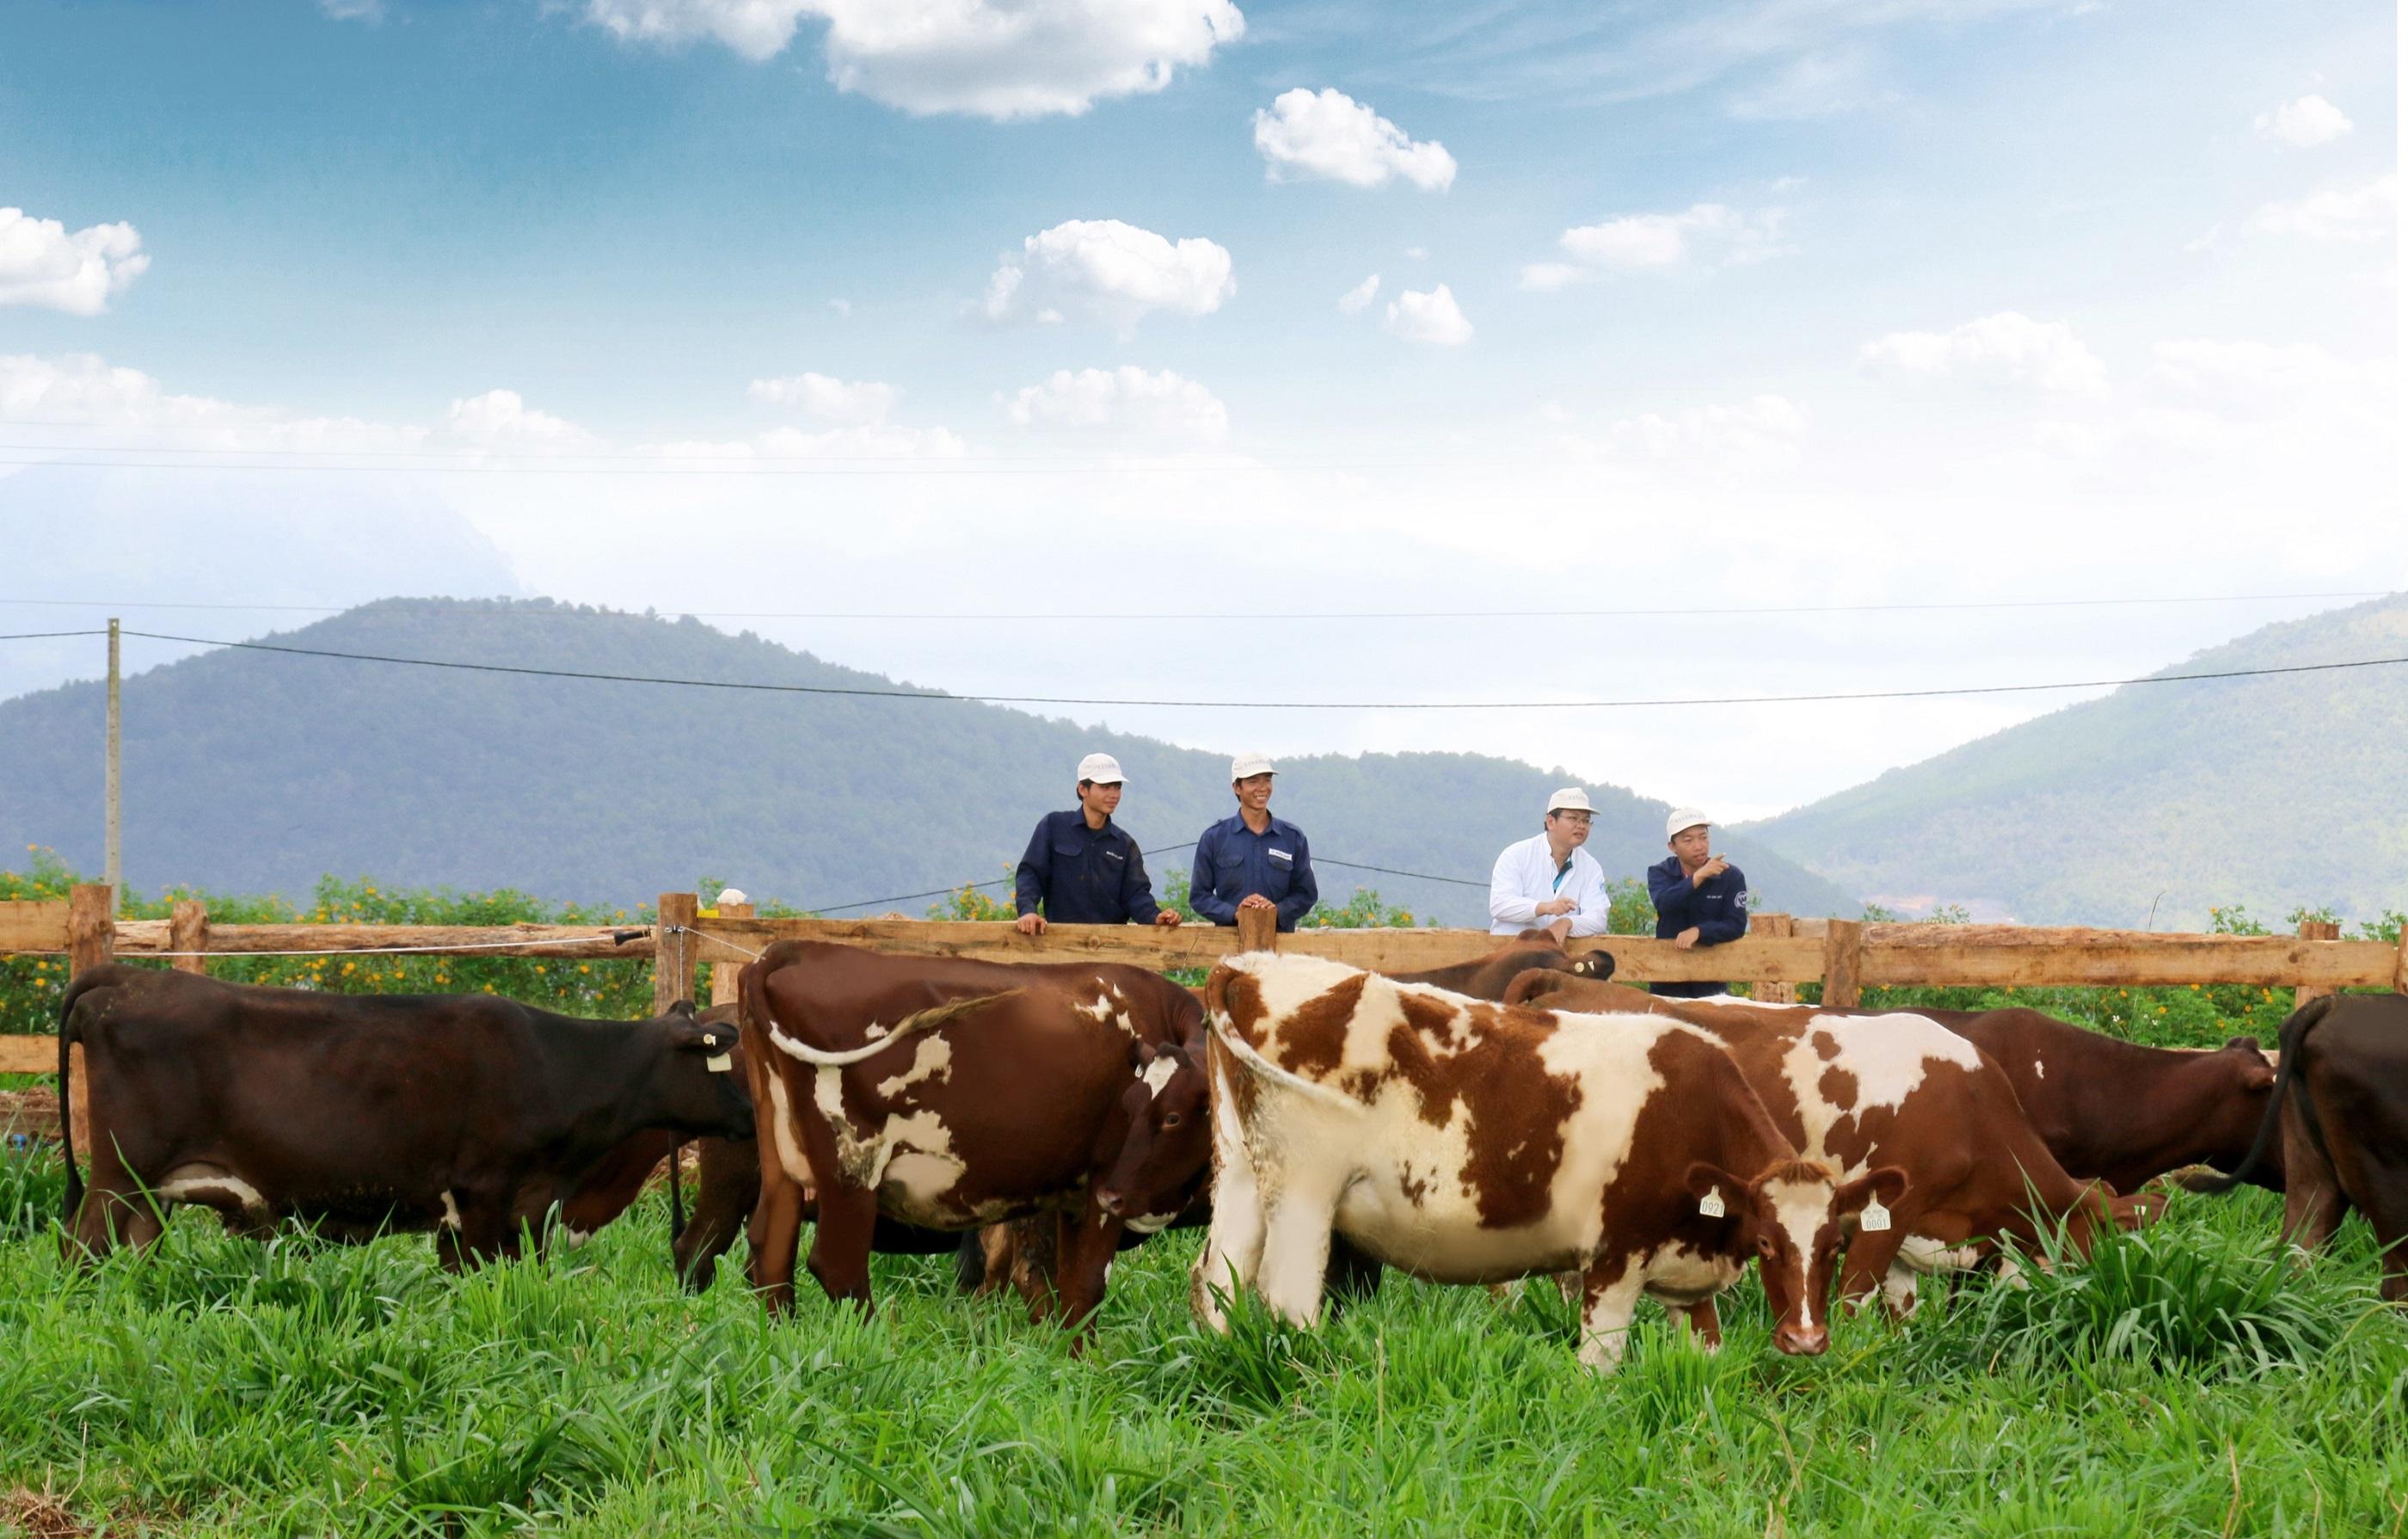 Trang trại bò sữa Organic theo tiêu chuẩn Châu Âu đầu tiên tại VN của Vinamilk - Ảnh 3